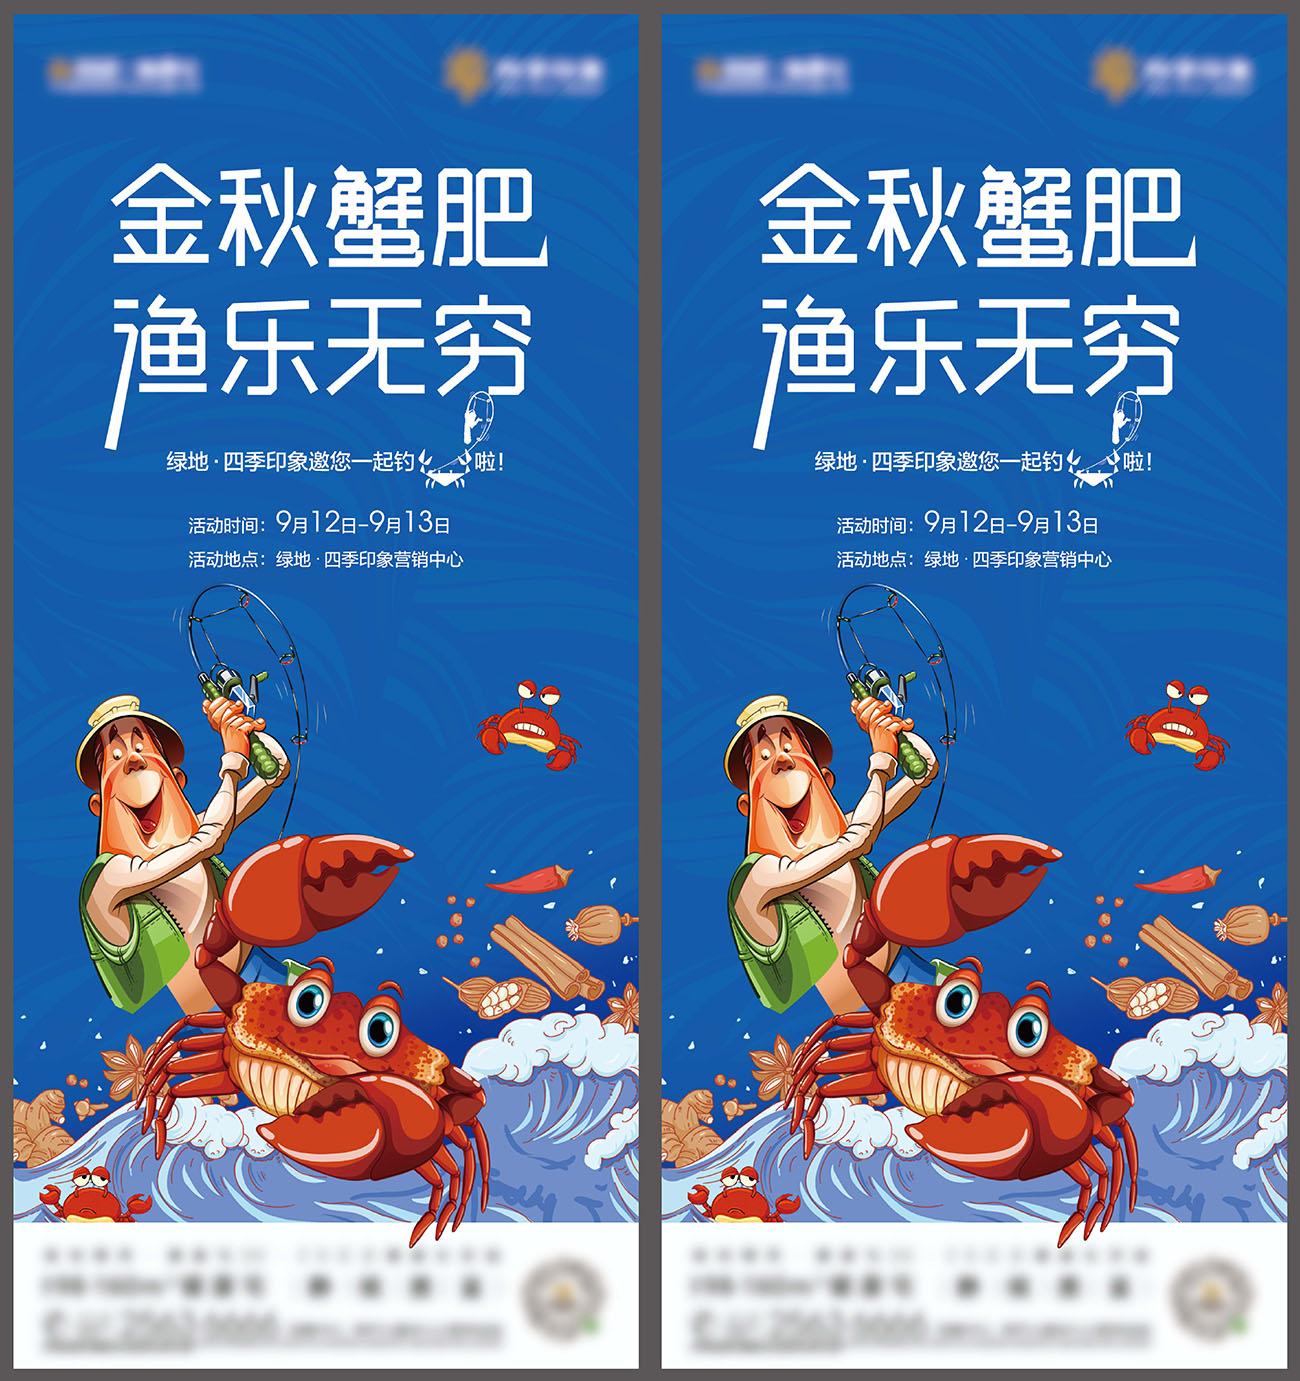 钓螃蟹地产暖场活动海报AI源文件插图